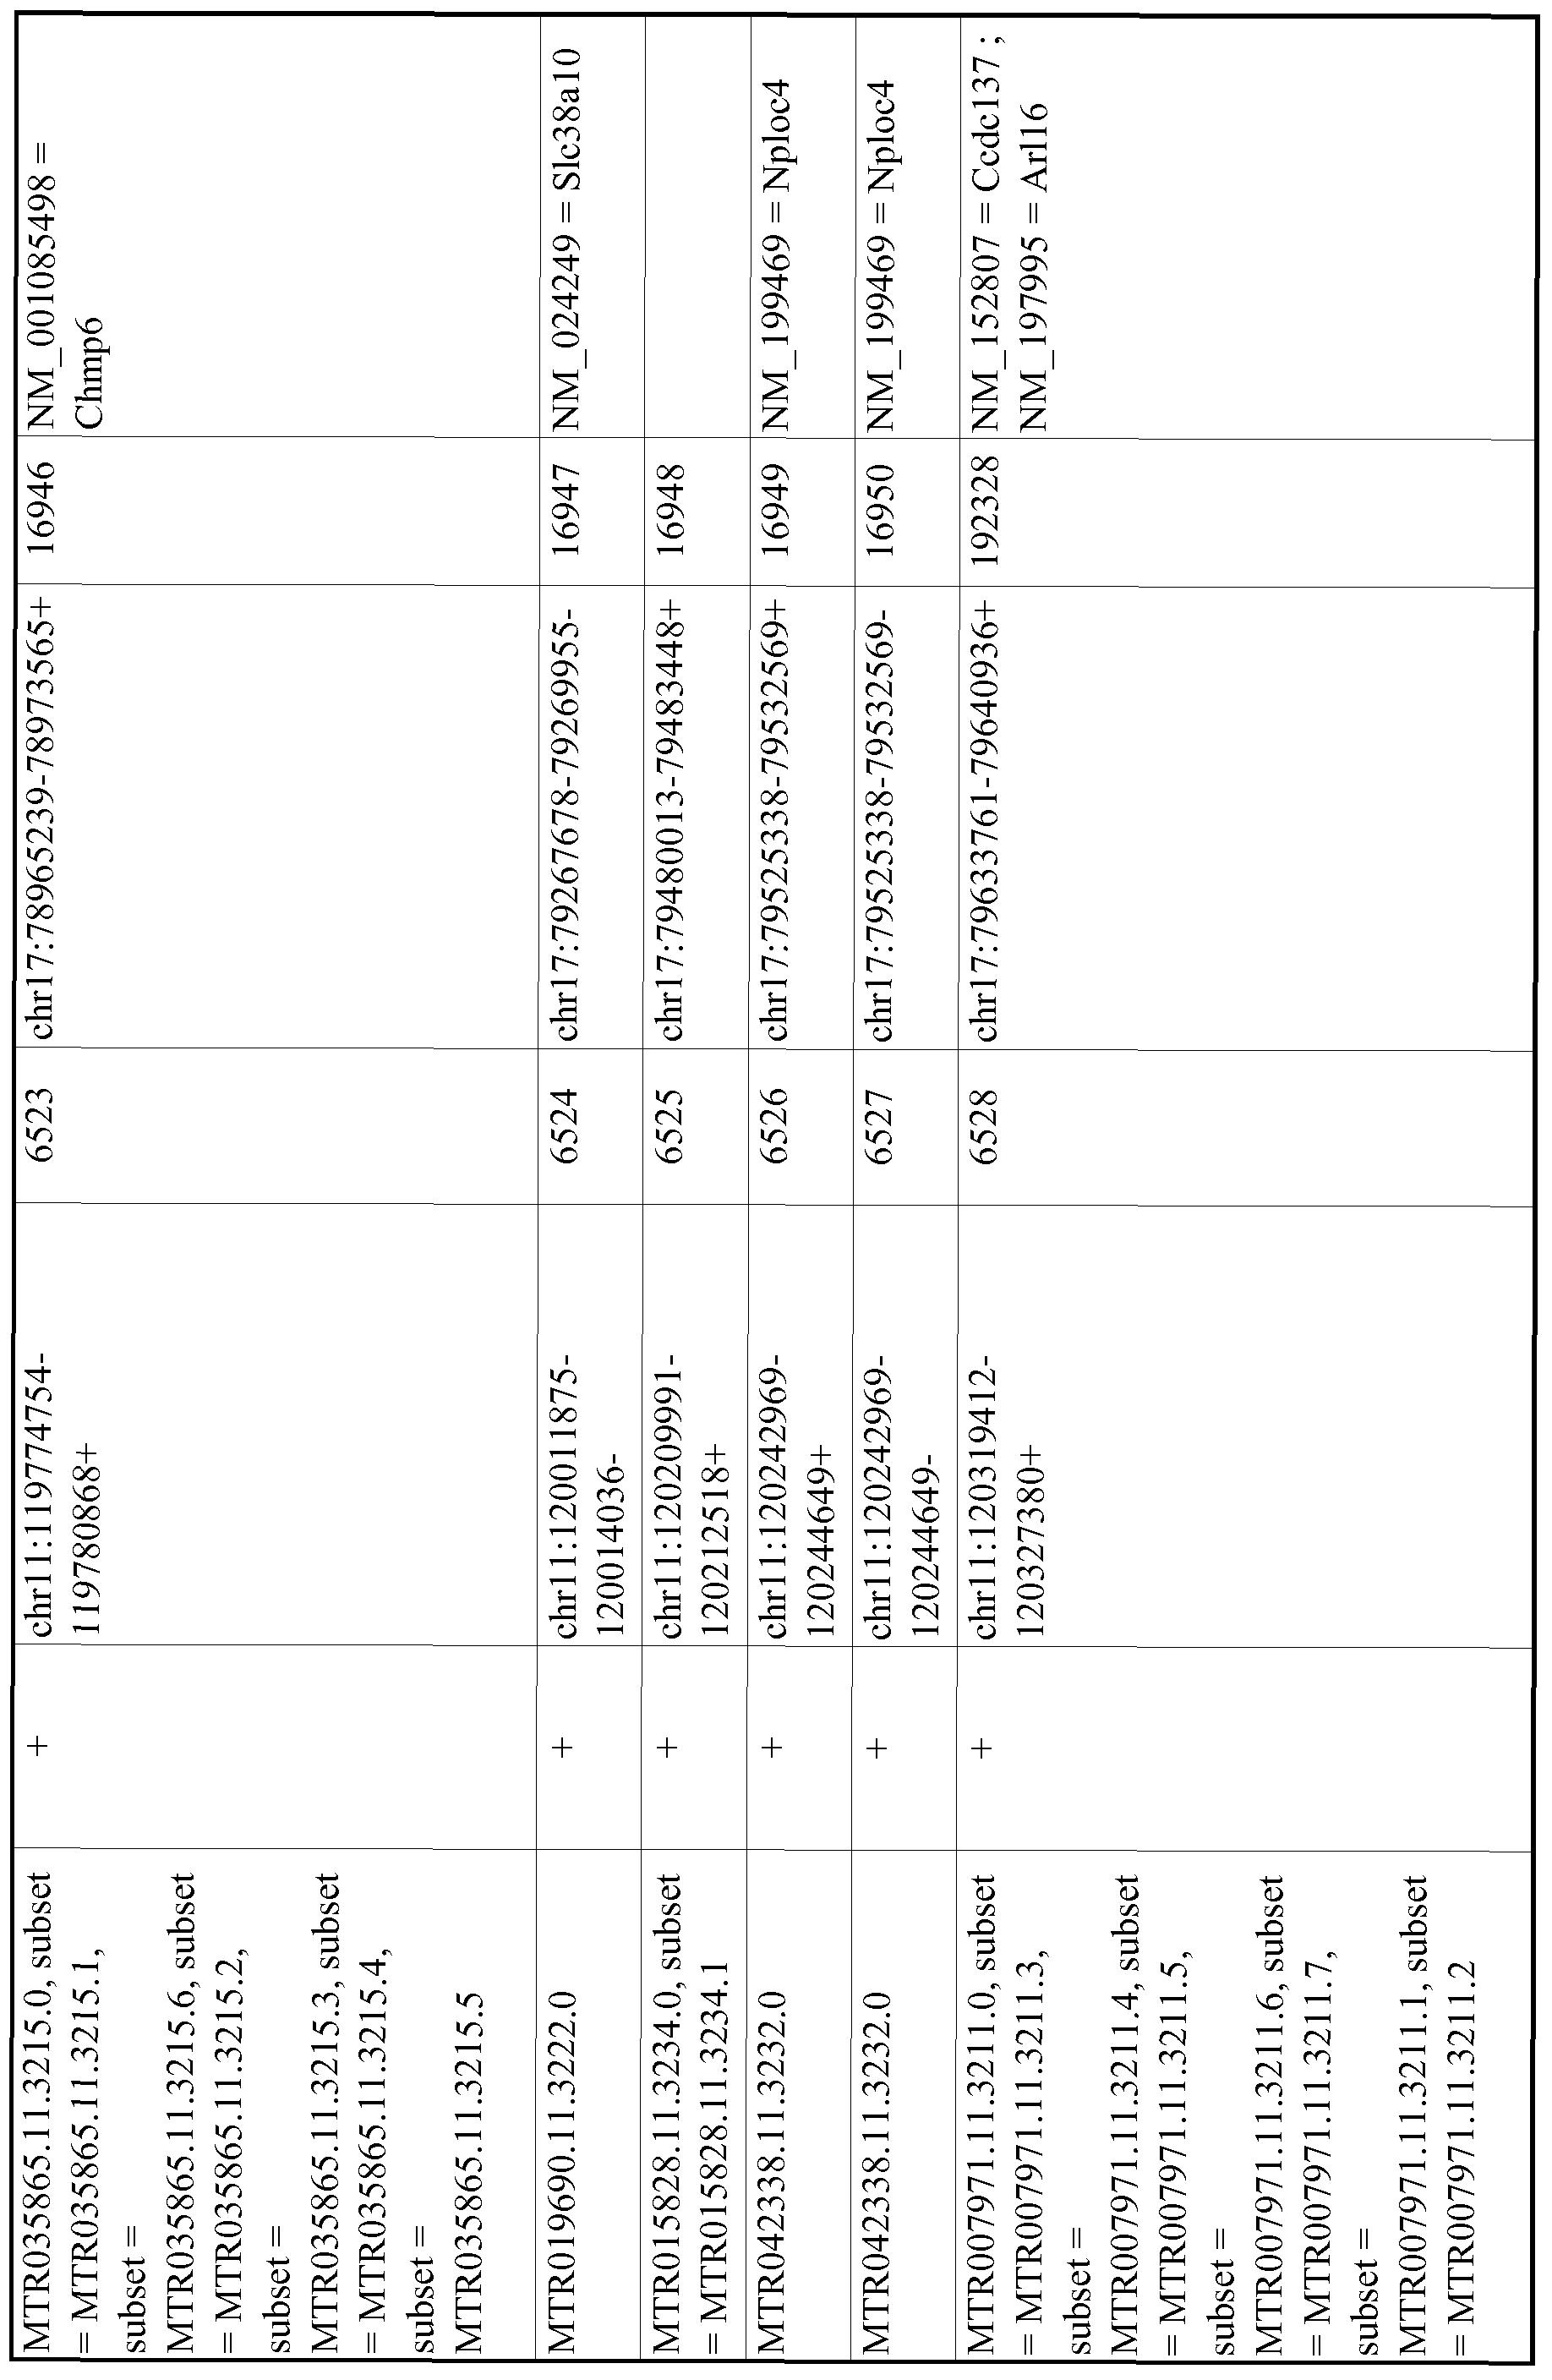 Figure imgf001171_0001